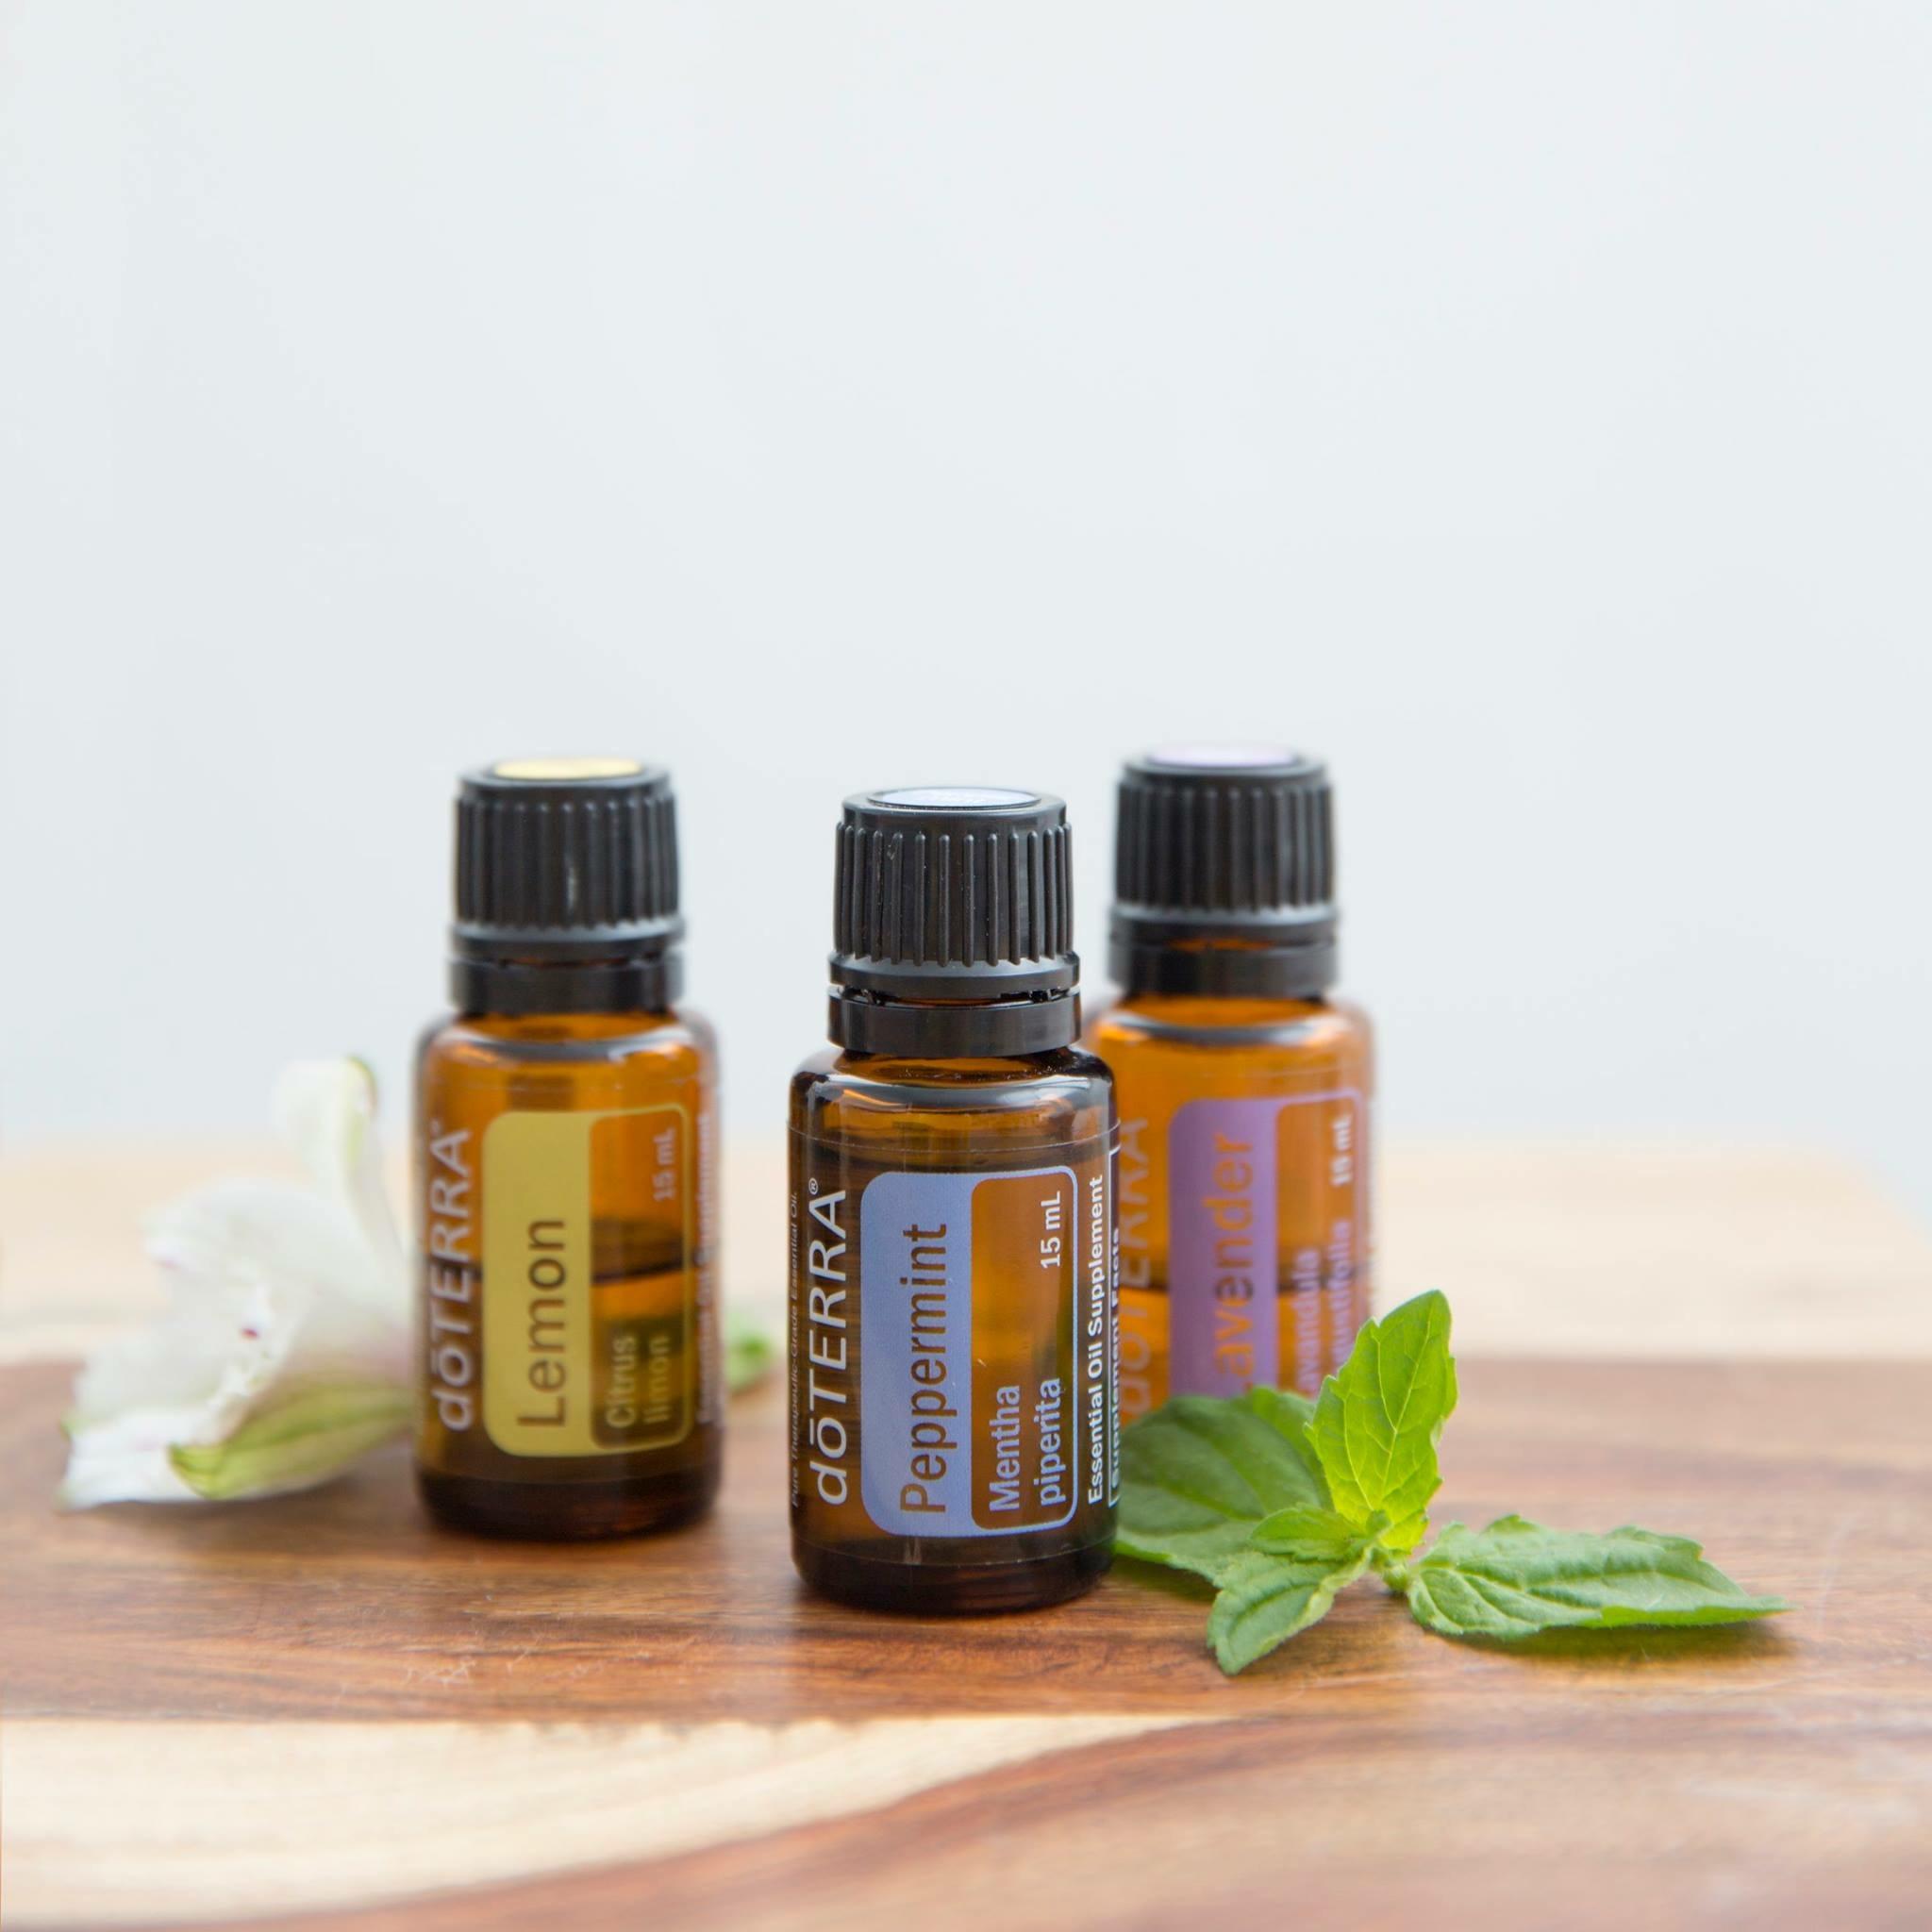 Trilogy - Lemon, Lavender, Peppermint